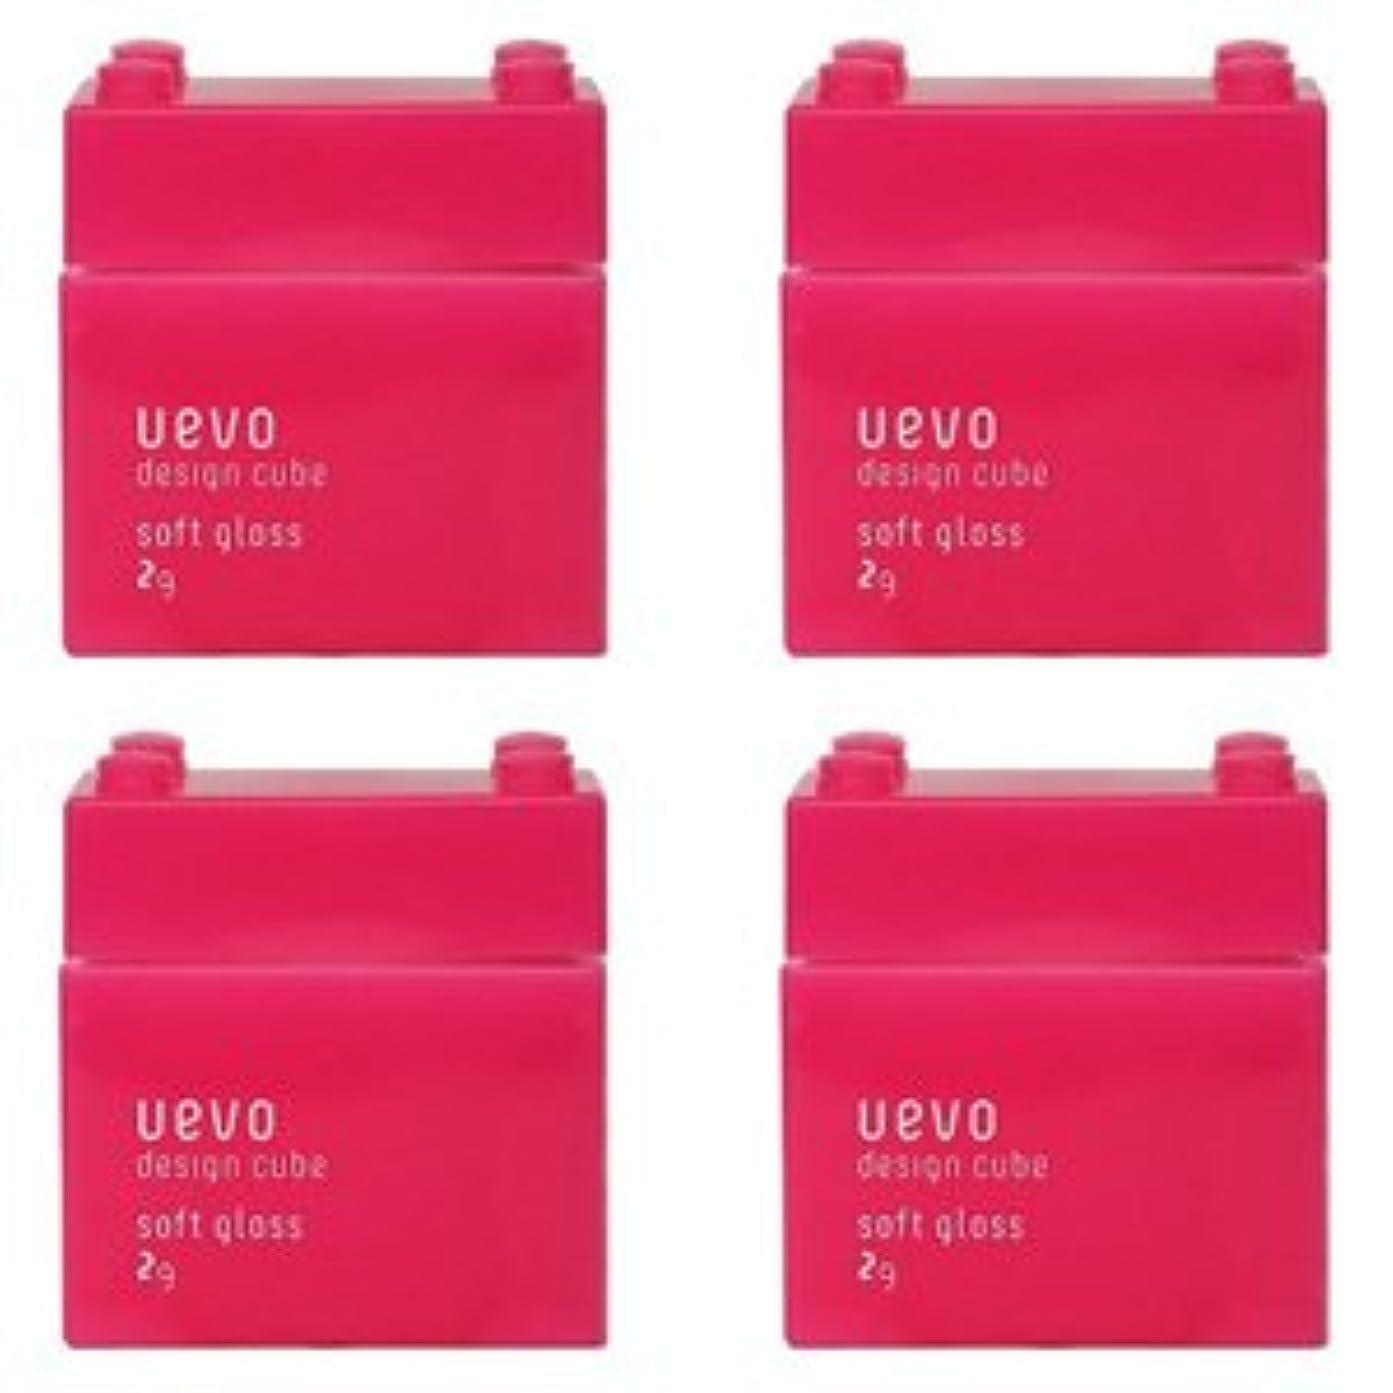 原始的な処理脆い【X4個セット】 デミ ウェーボ デザインキューブ ソフトグロス 80g soft gloss DEMI uevo design cube